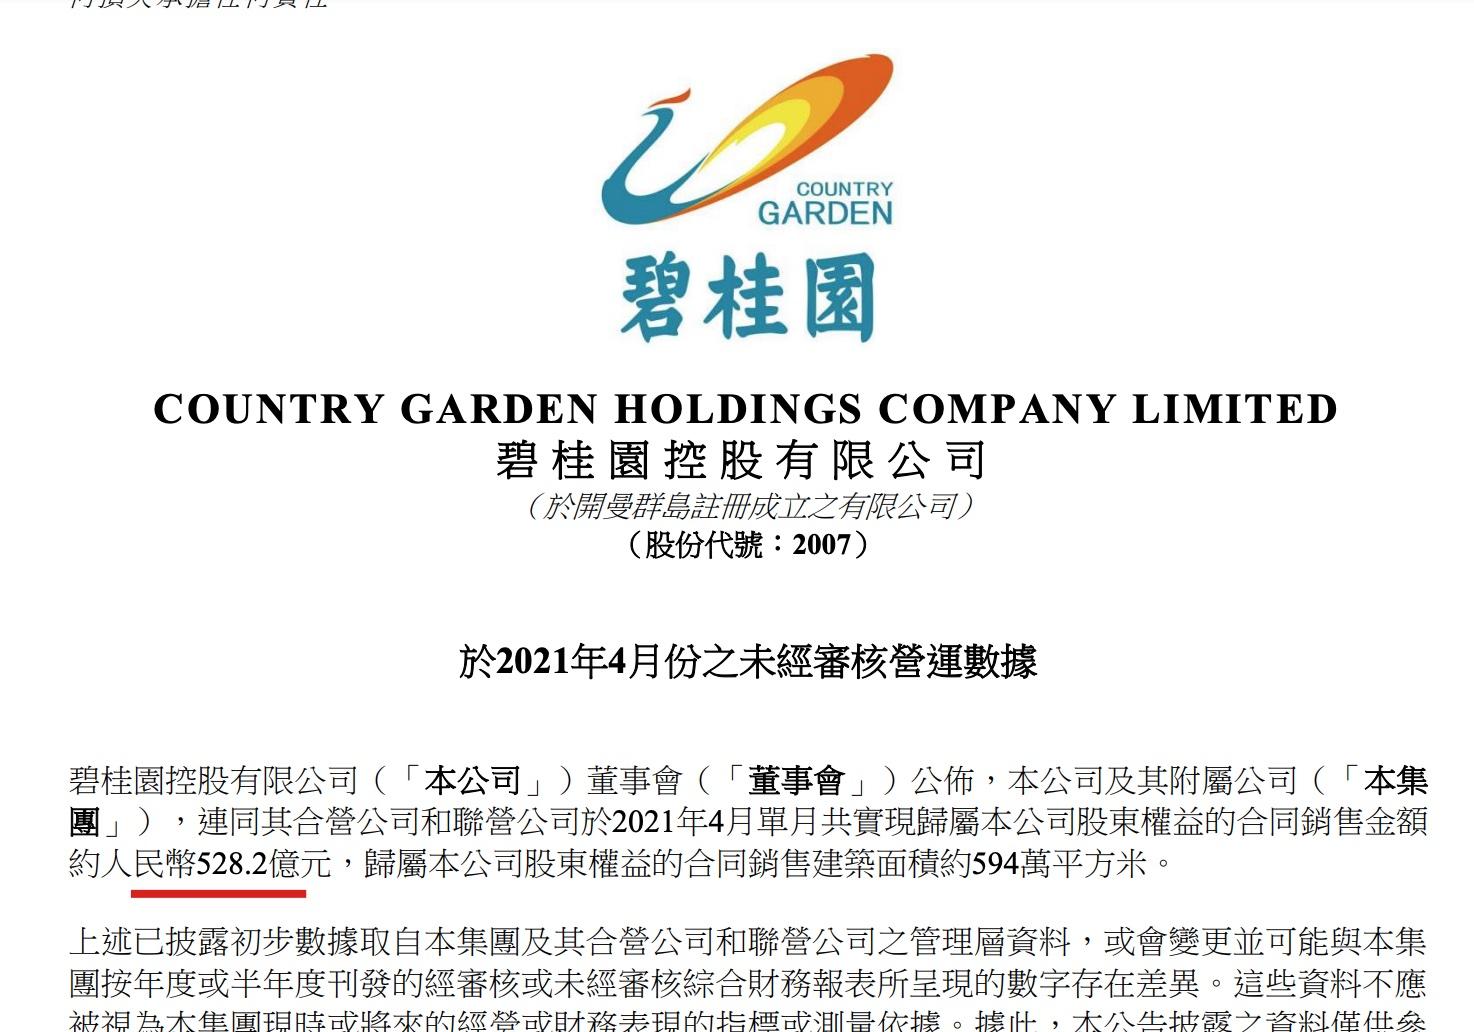 碧桂园前4月权益合同销售额同比增长28.36%